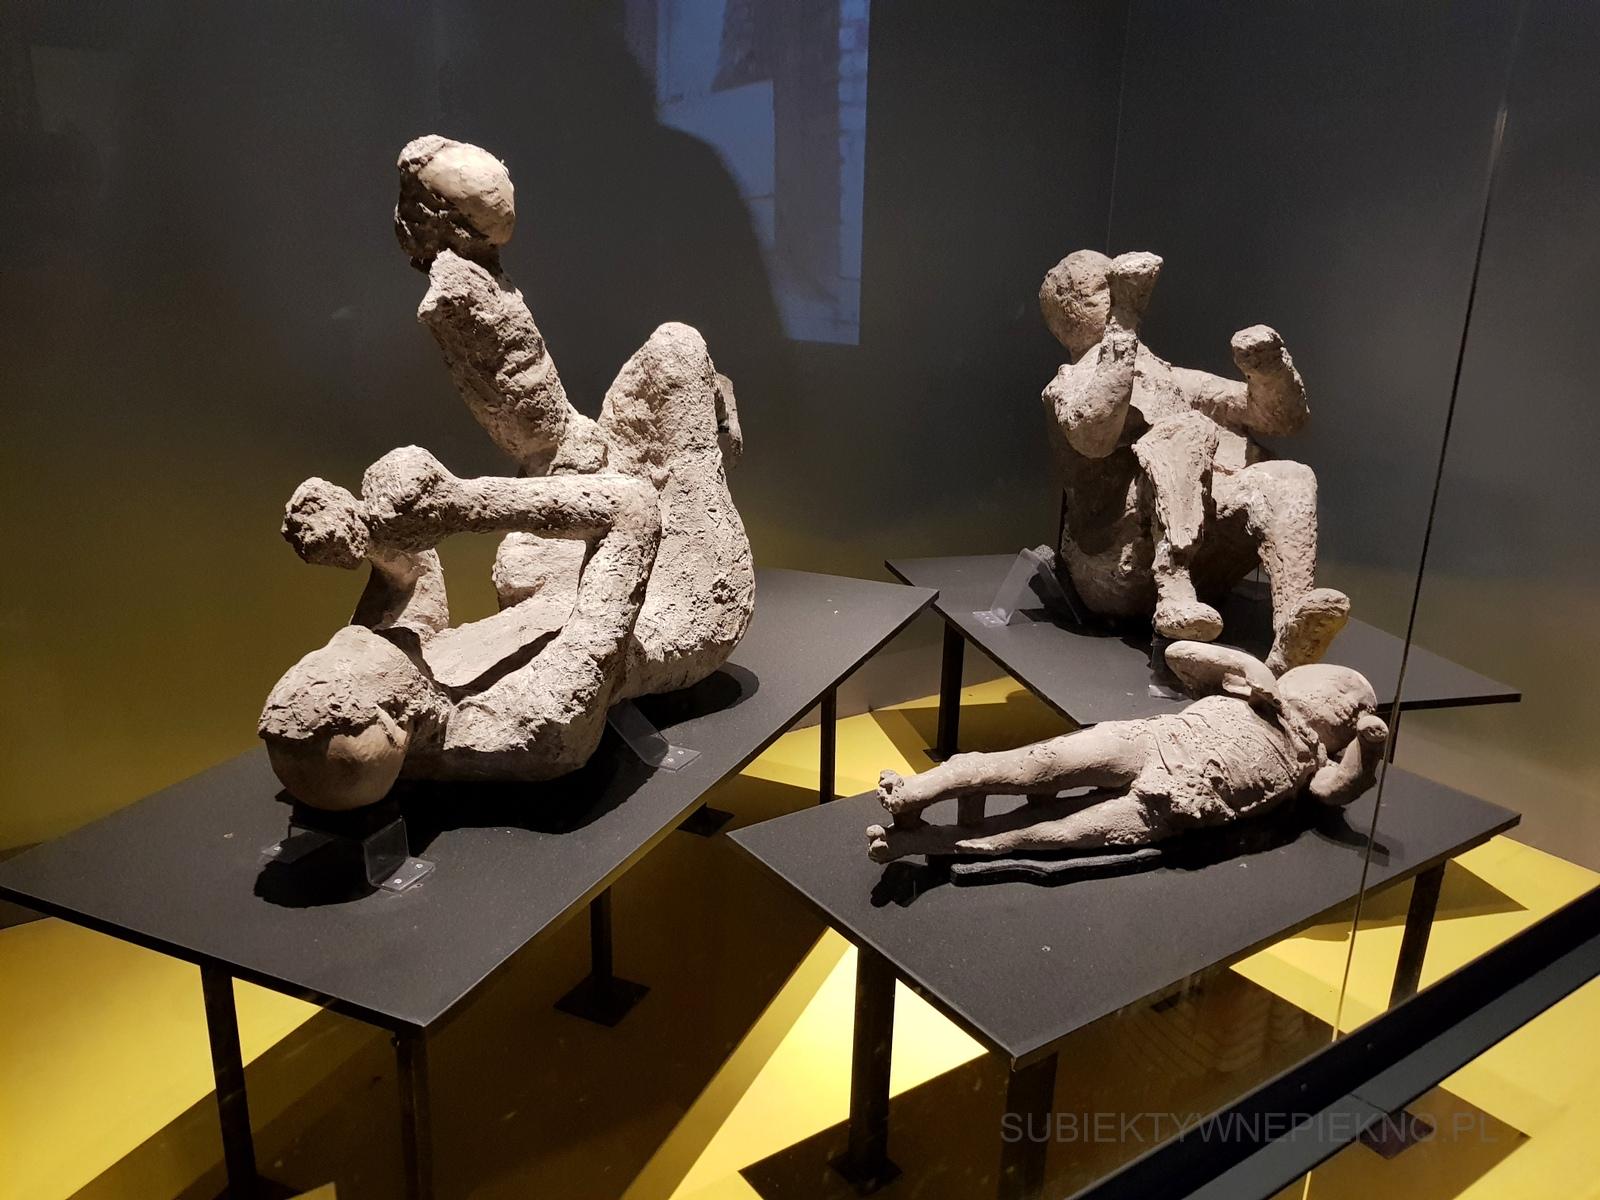 Pompeje koło Neapolu. Zwiedzanie ruin starożytnego miasta. Ludzie